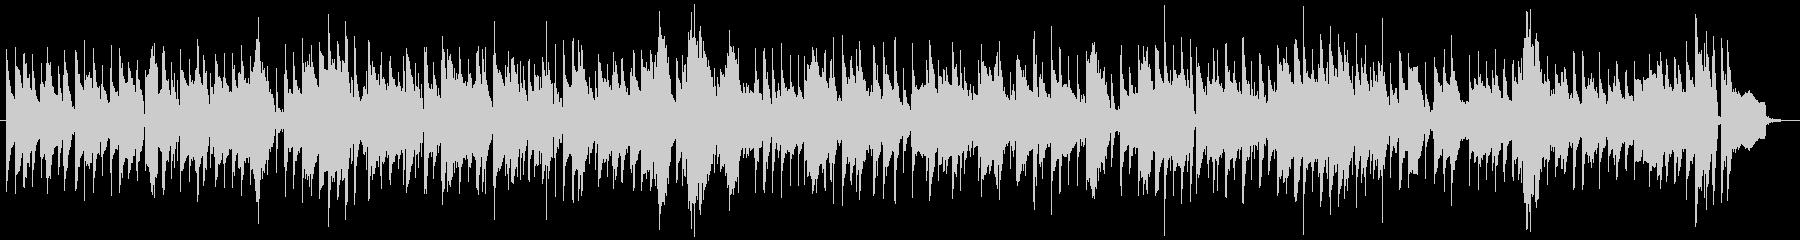 ムーディーなスロージャズバラードの未再生の波形